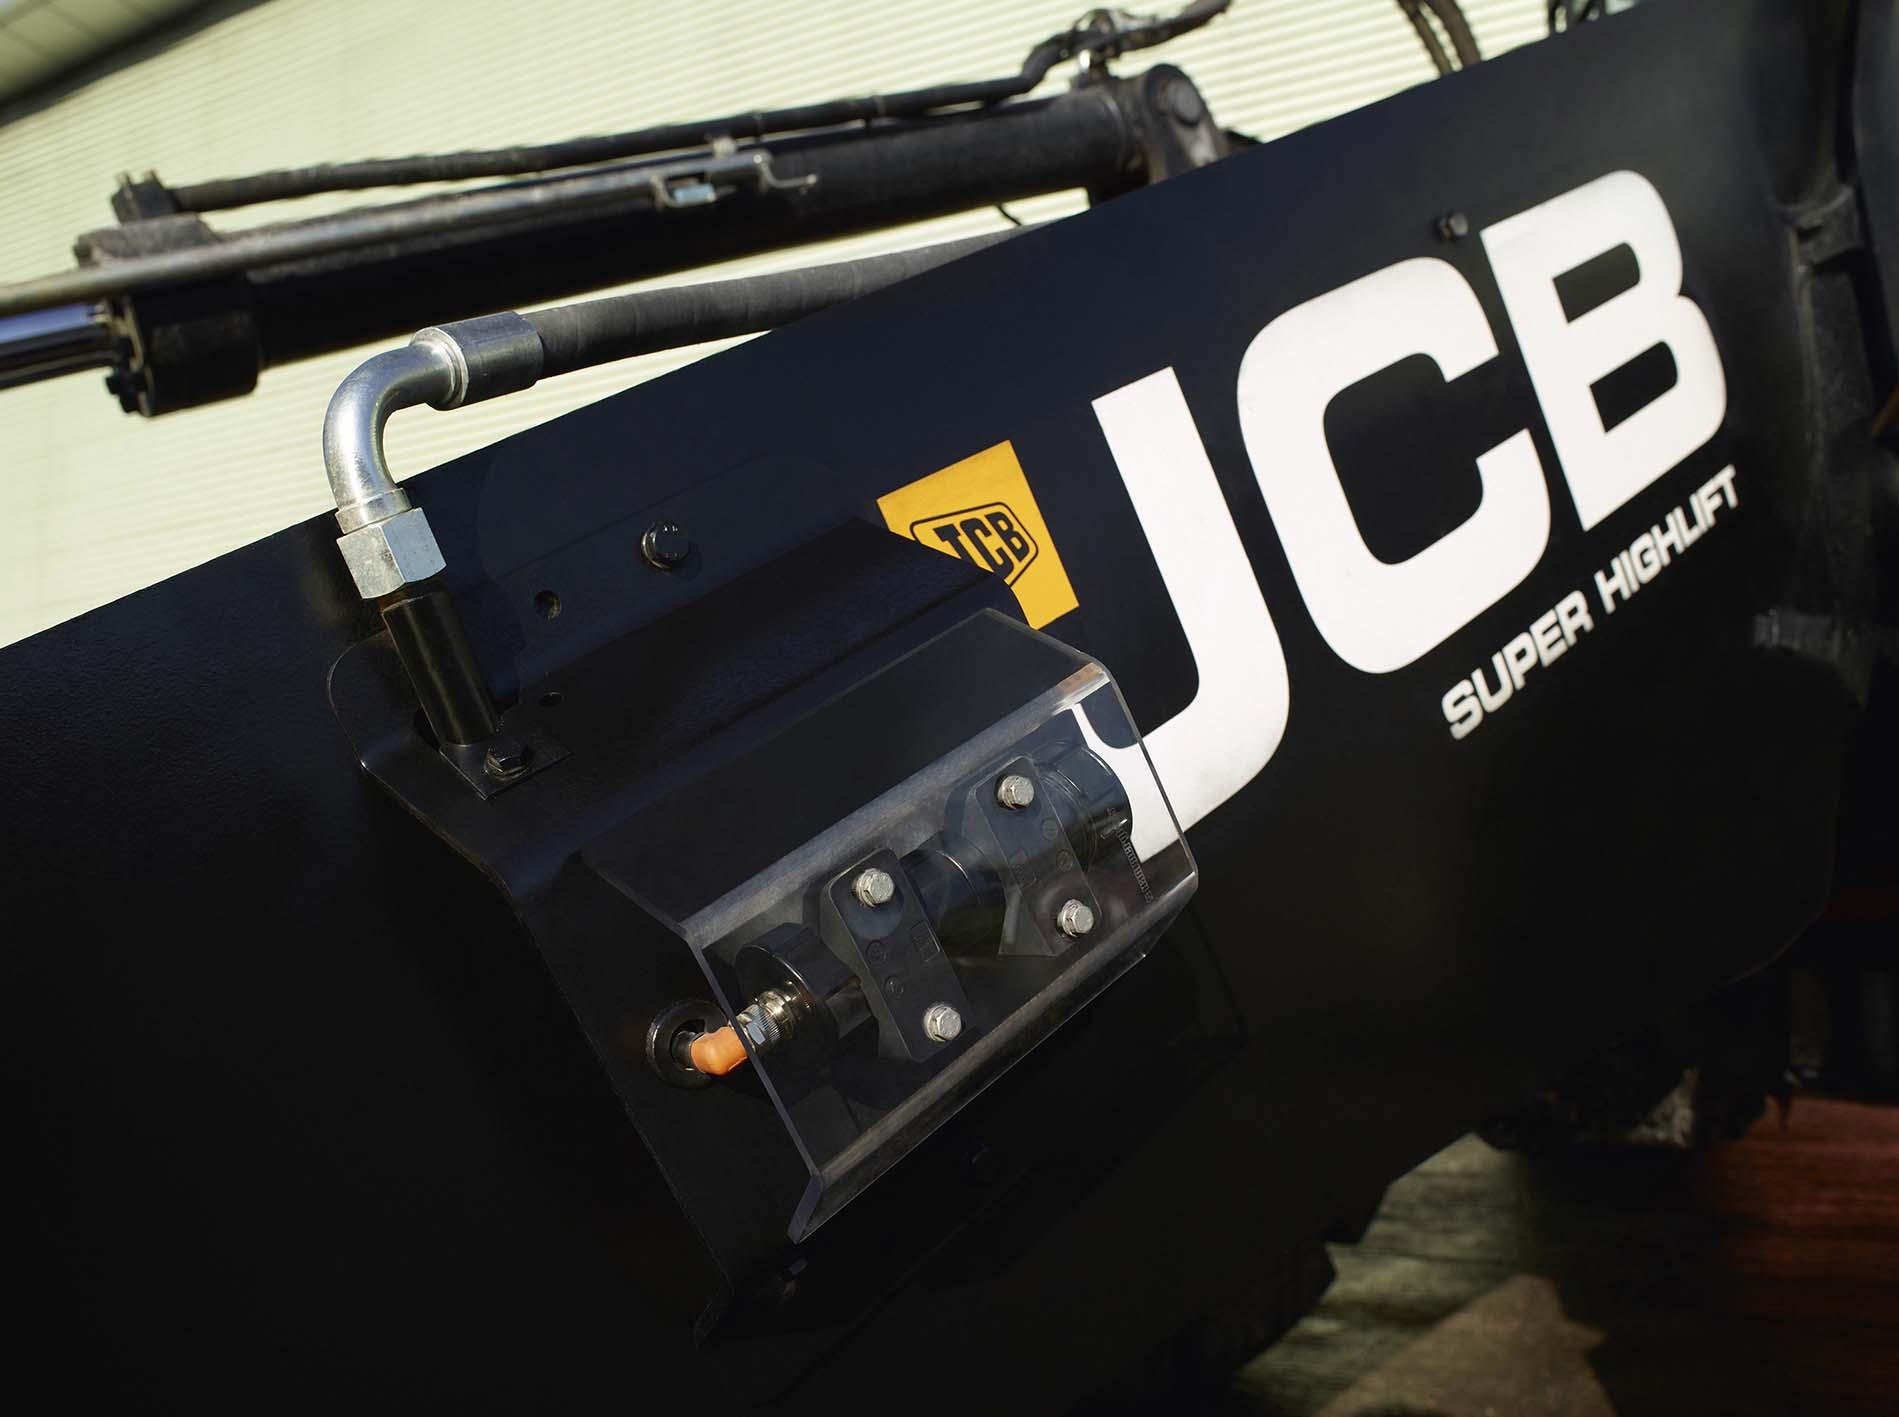 Pale gommate, il nuovo sistema PBS by JCB -  -Componenti Construction Notizie Pale - MC5.0-Macchine Cantieri 2